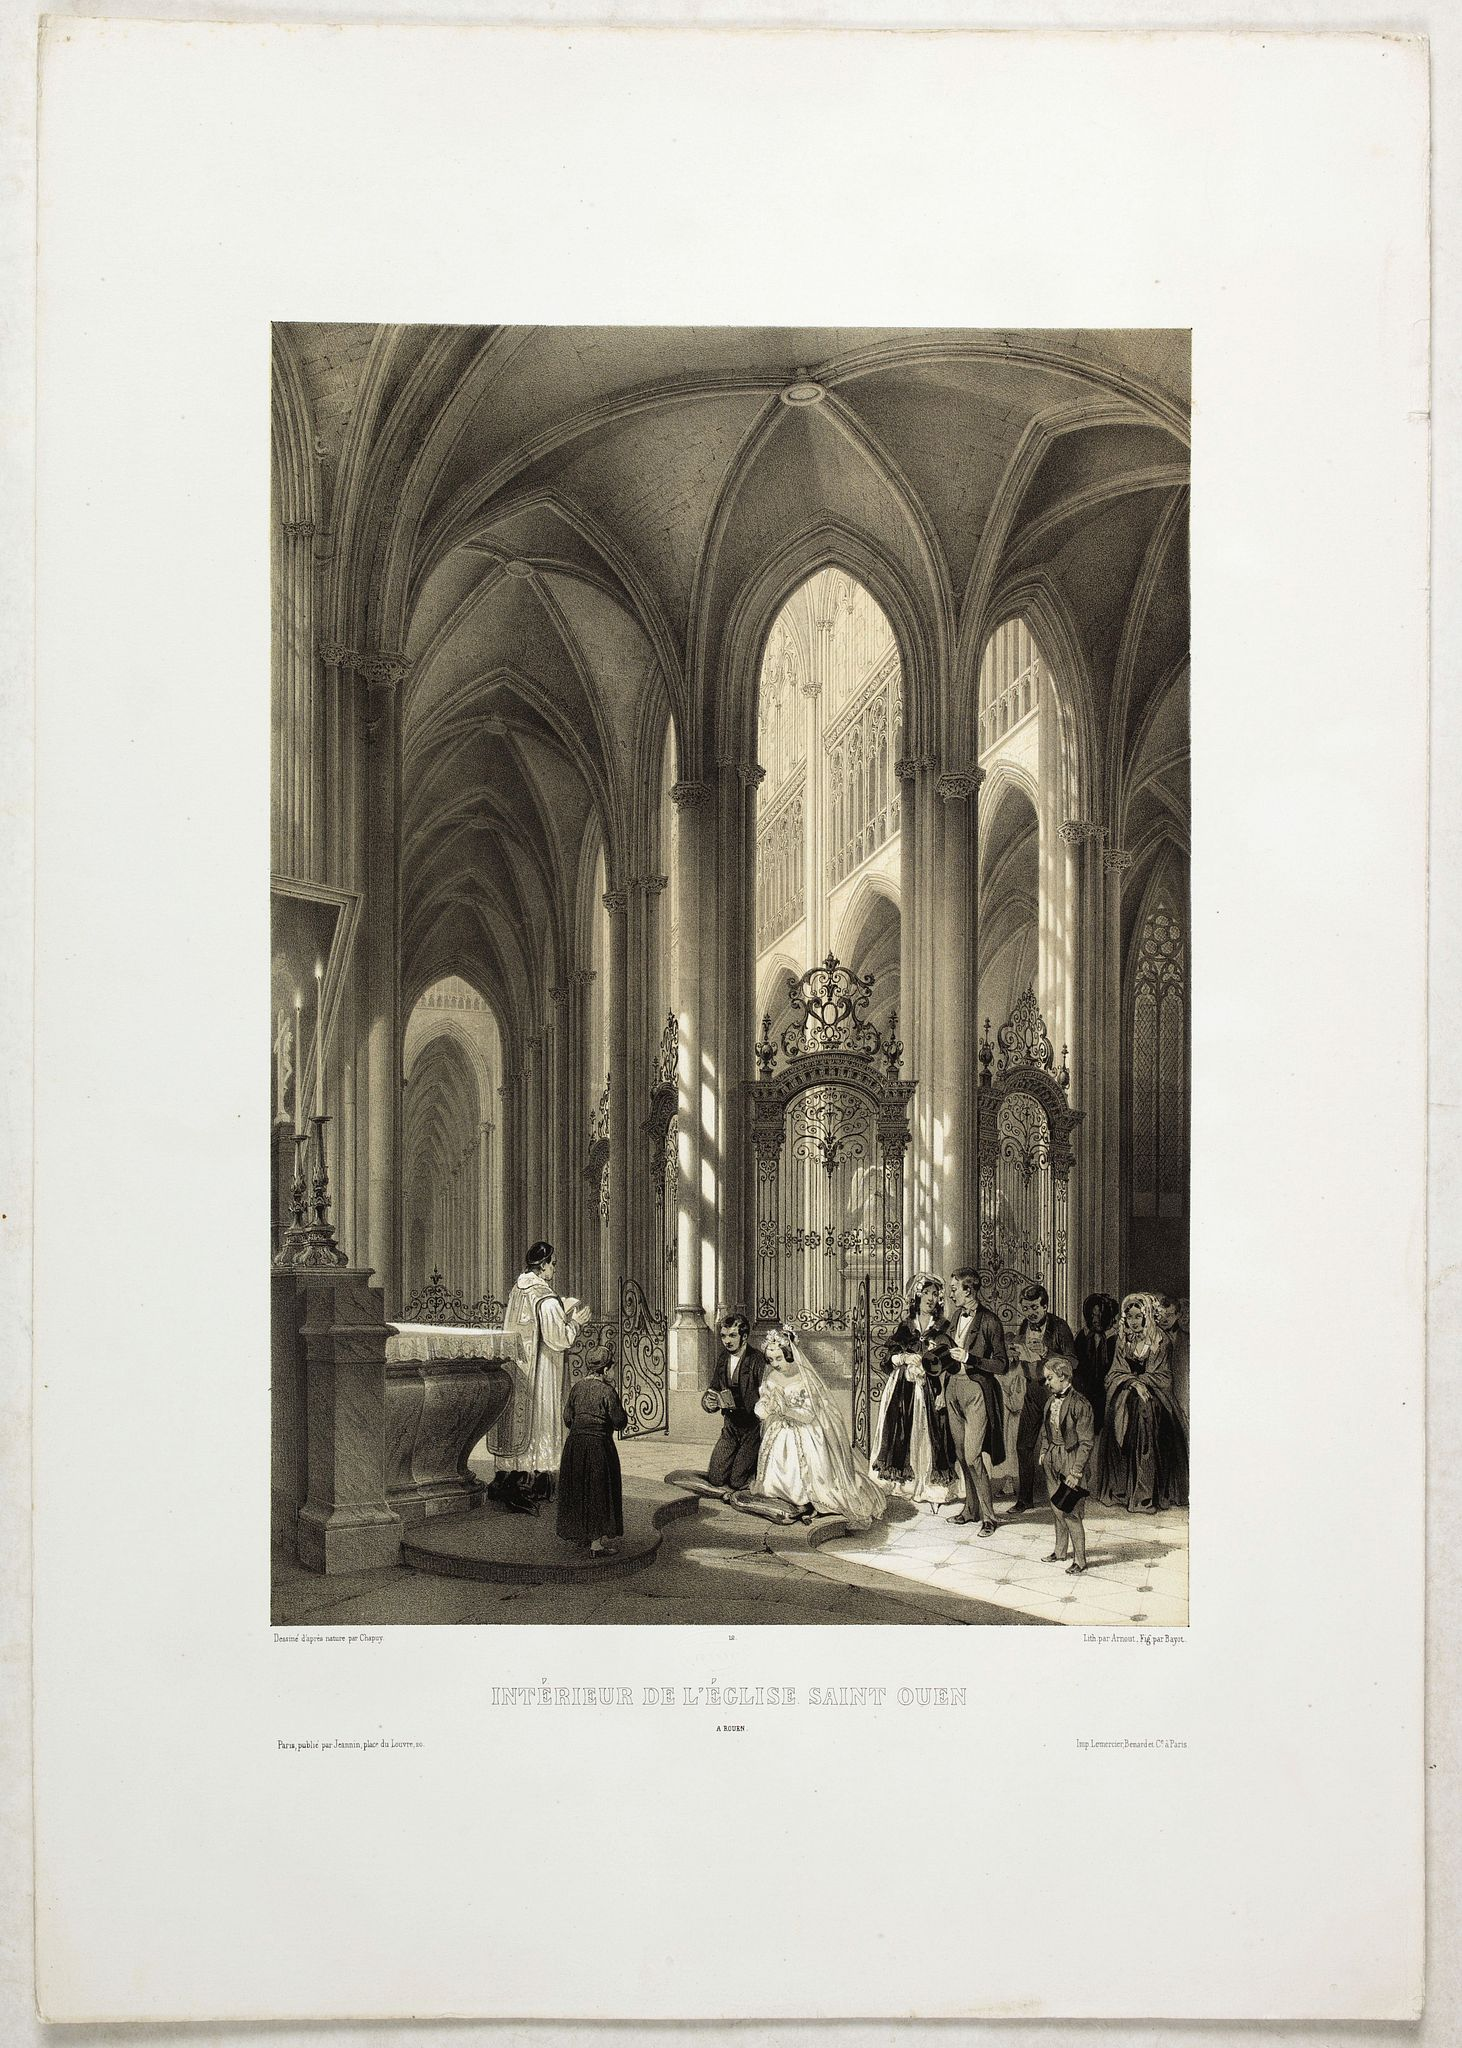 CHAPUY -  INTERIEUR DE L'EGLISE SAINT OUEN A ROUEN. Dessiné d'après nature par Chapuy. Lith. Par Arnout. Fig par Bayot.